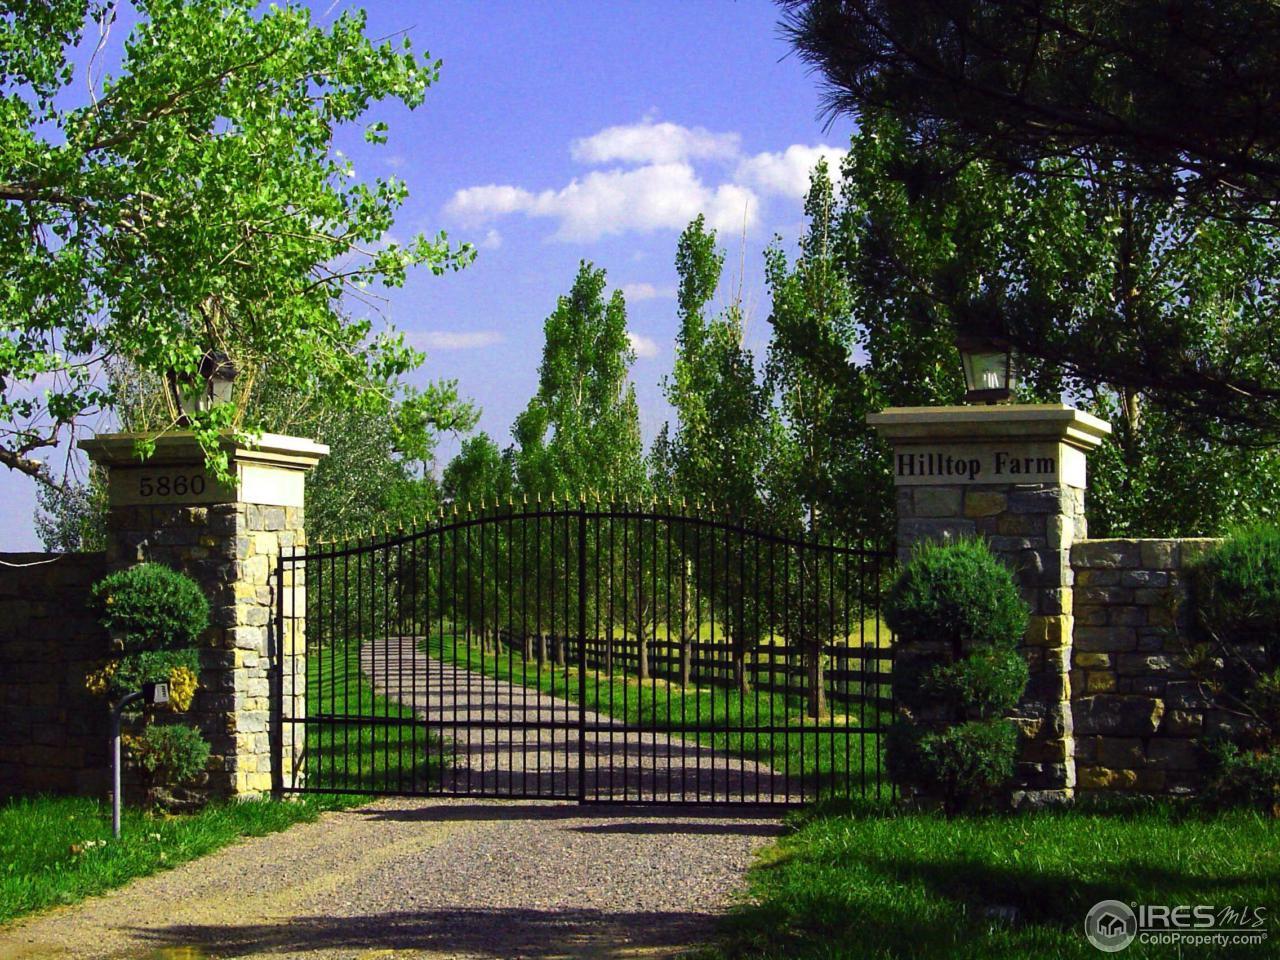 5860 Boulder Hills Dr, Longmont, CO 80503